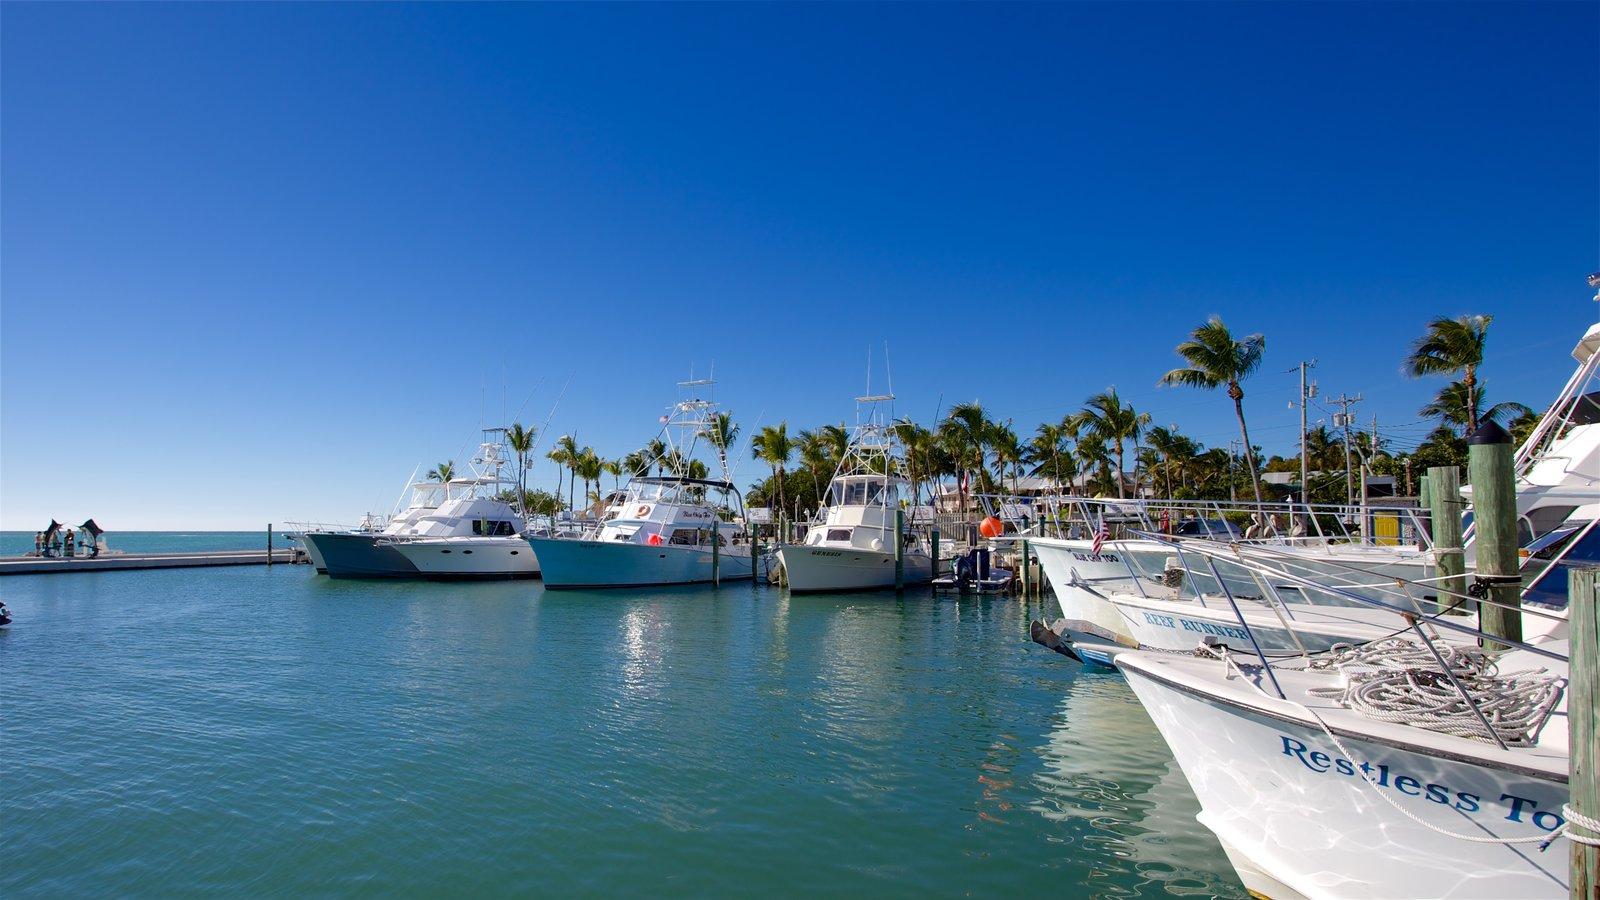 Sul da Flórida que inclui uma baía ou porto, cenas tropicais e paisagens litorâneas